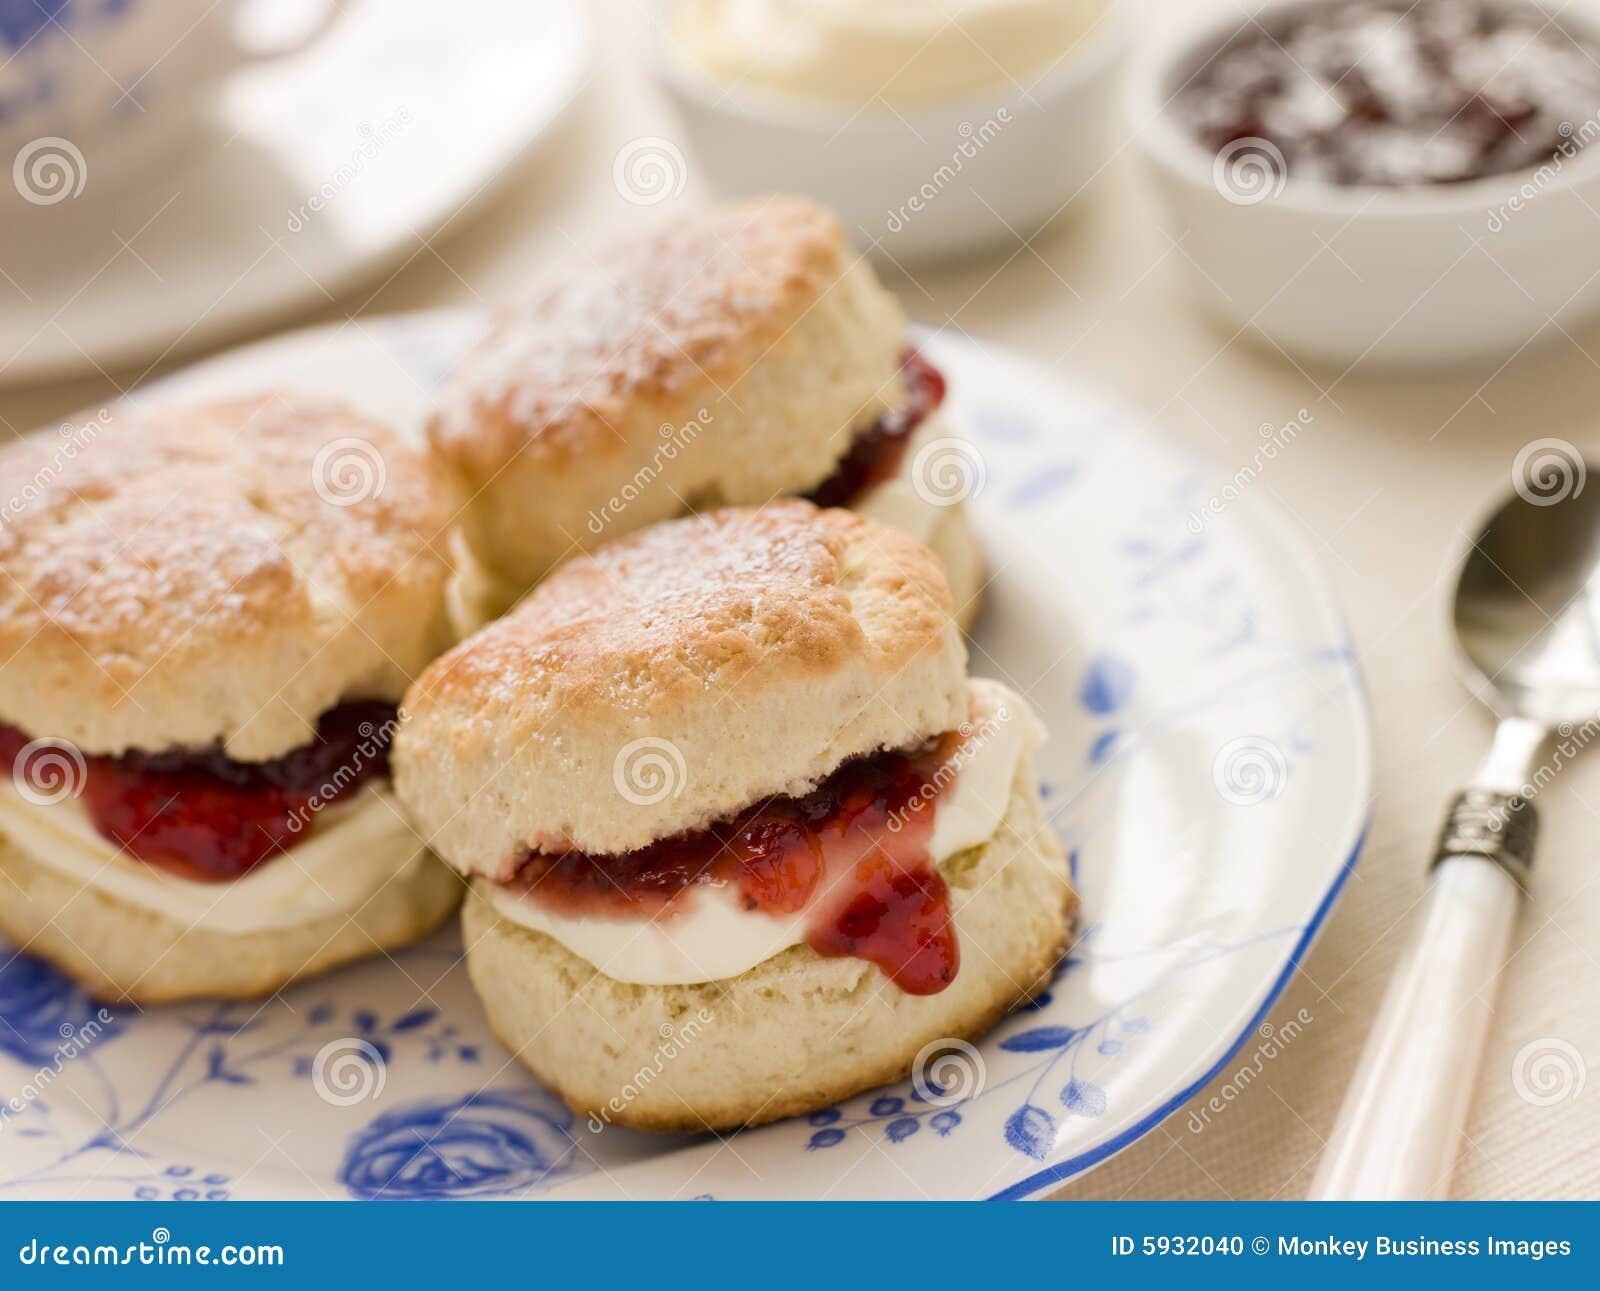 Scones Tea Clotted Cream and Jam